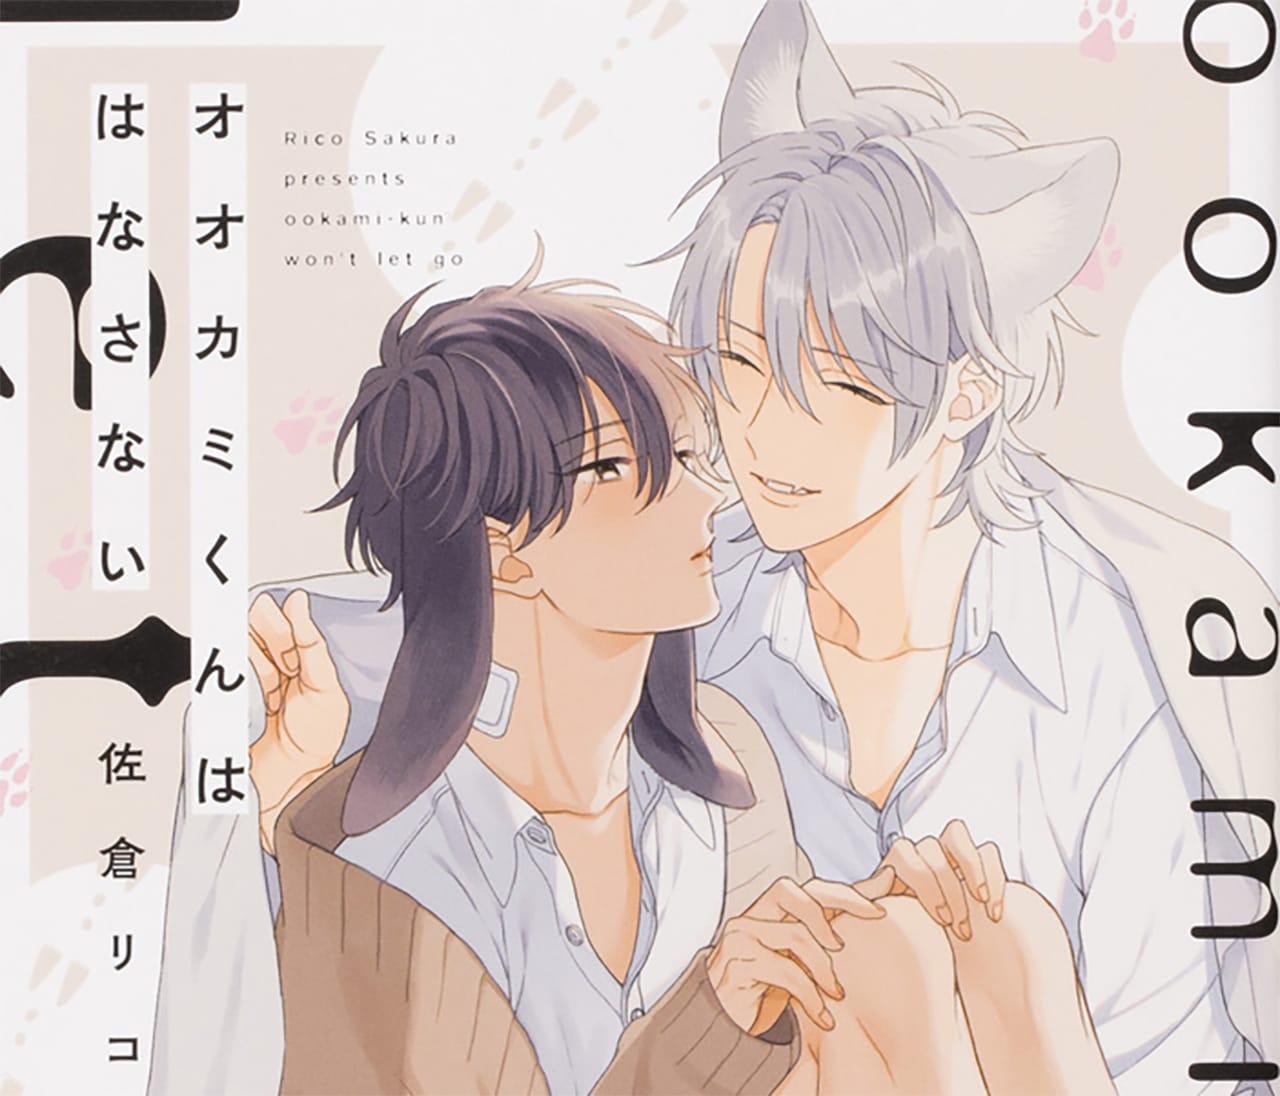 佐倉リコ「オオカミくんははなさない」2021年3月15日発売!